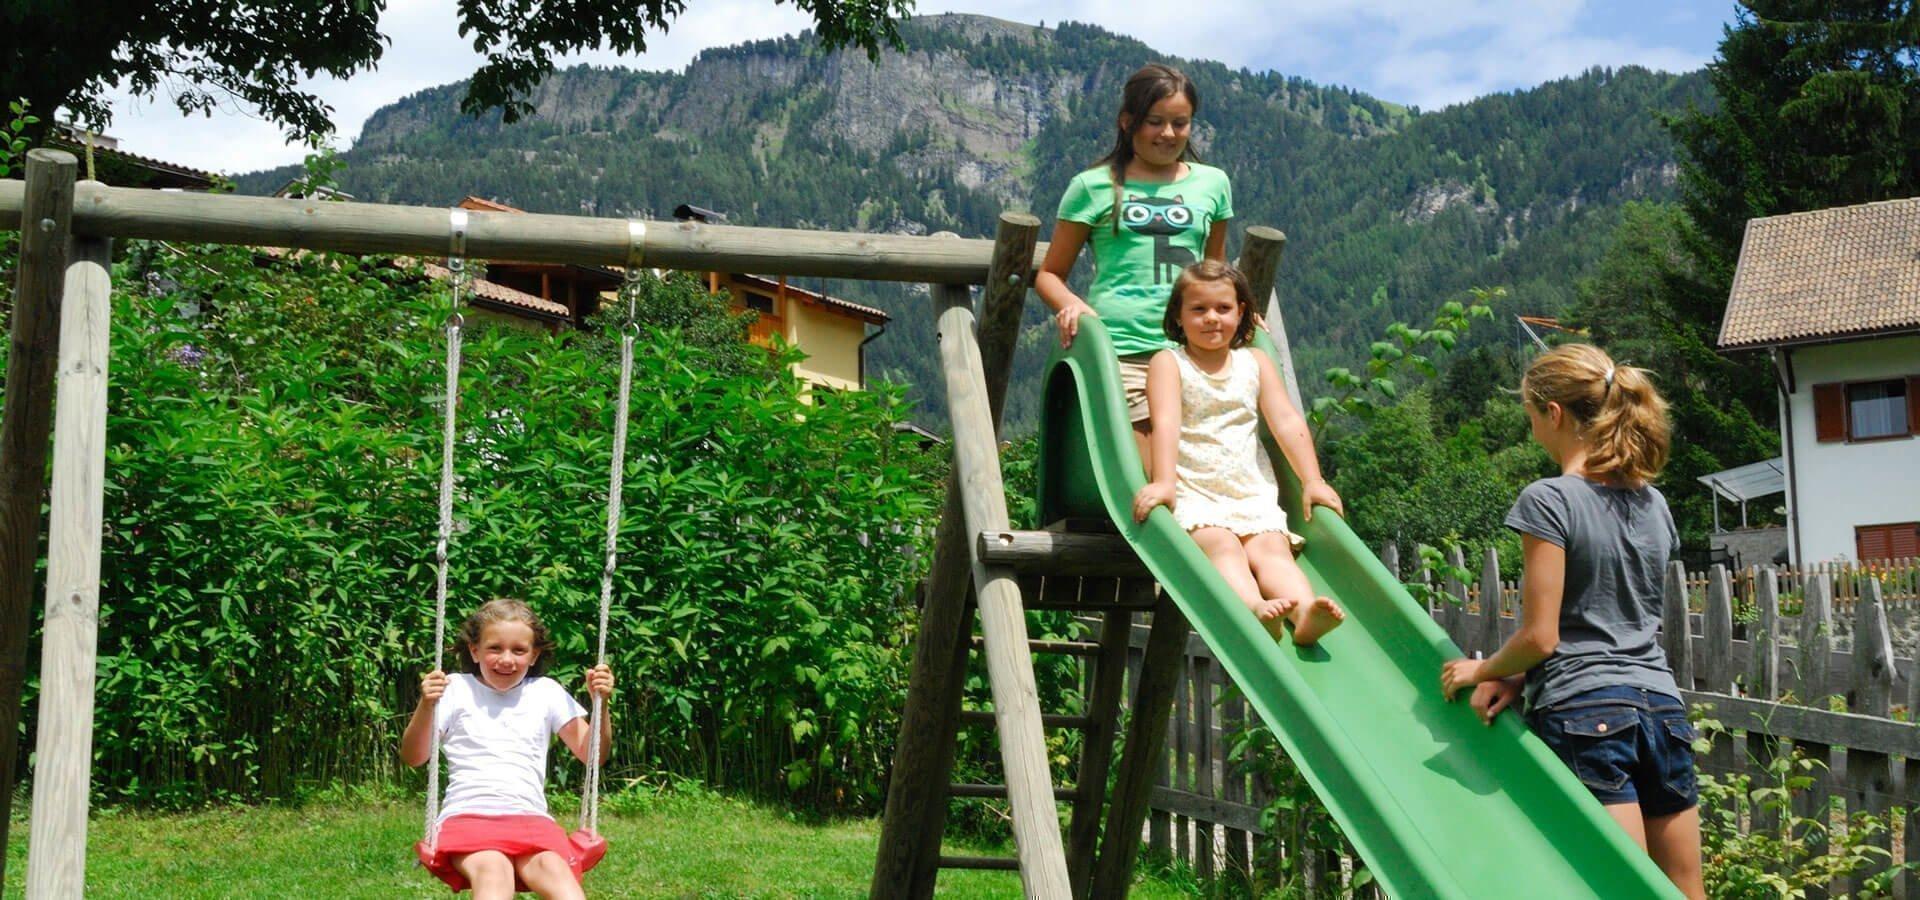 urlaub-auf-dem-bauernhof-mit-kindern